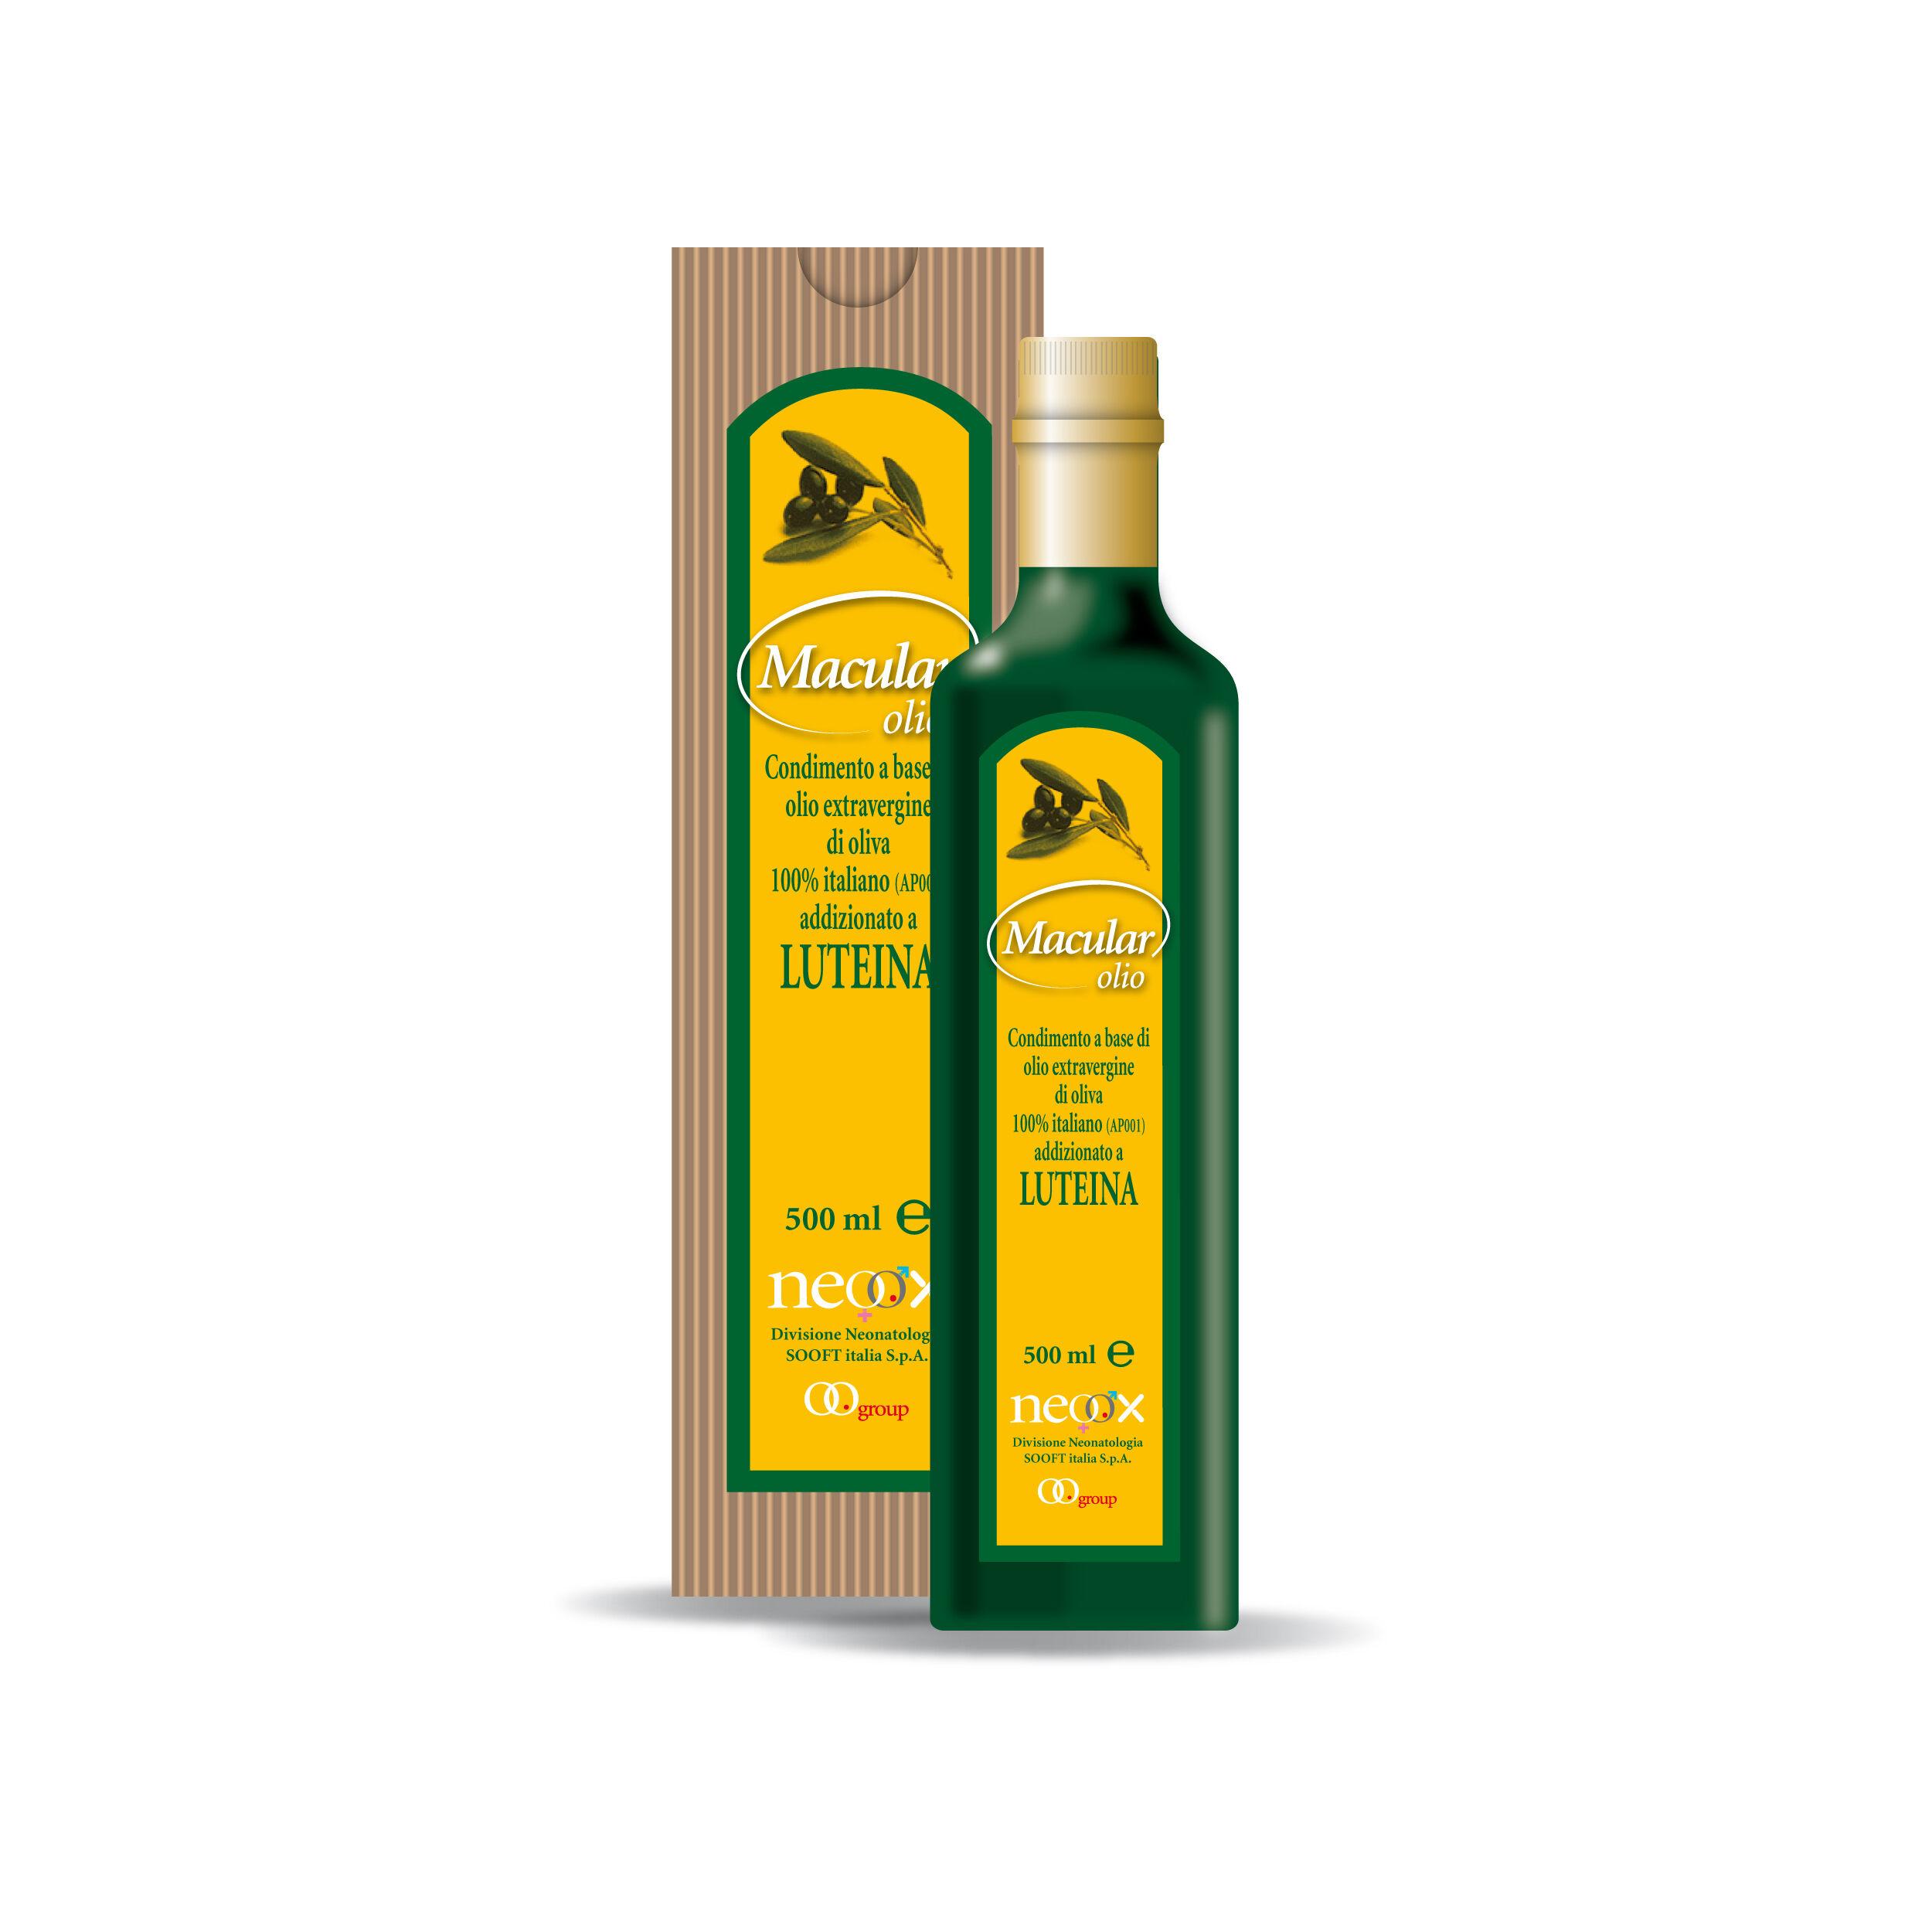 Sooft Italia Macular Olio Condimento 500ml